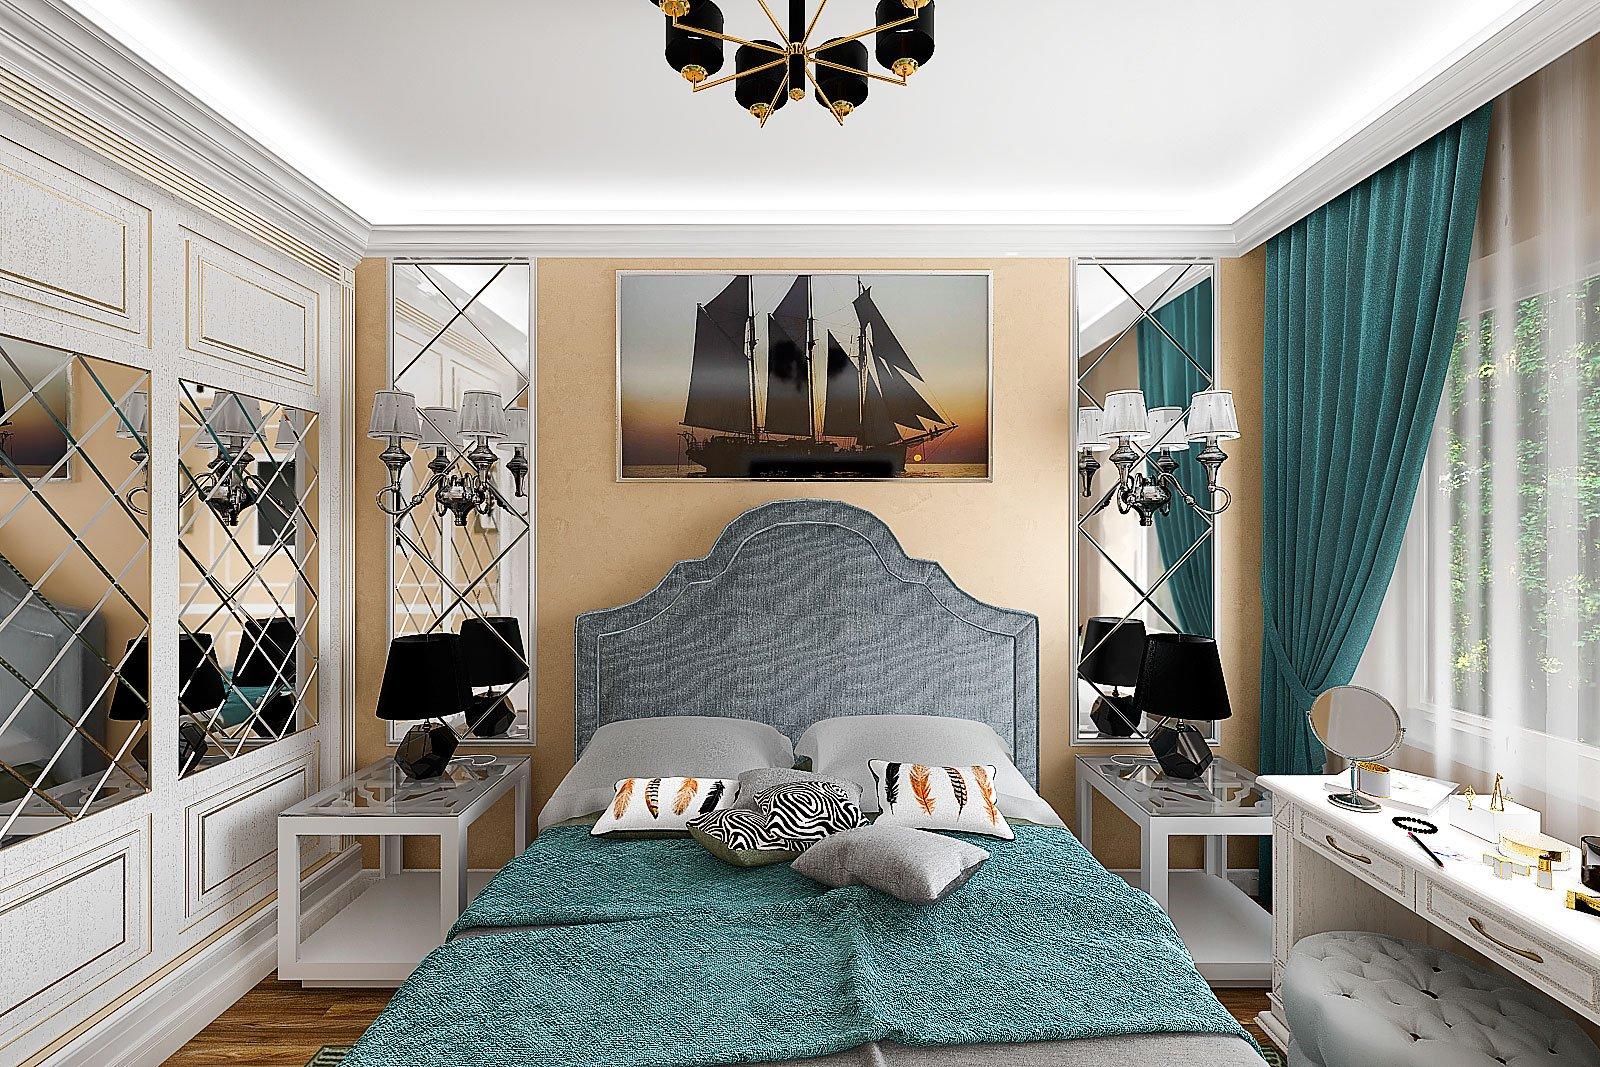 спальня с зеркалами, легкая классика в светлых тонах